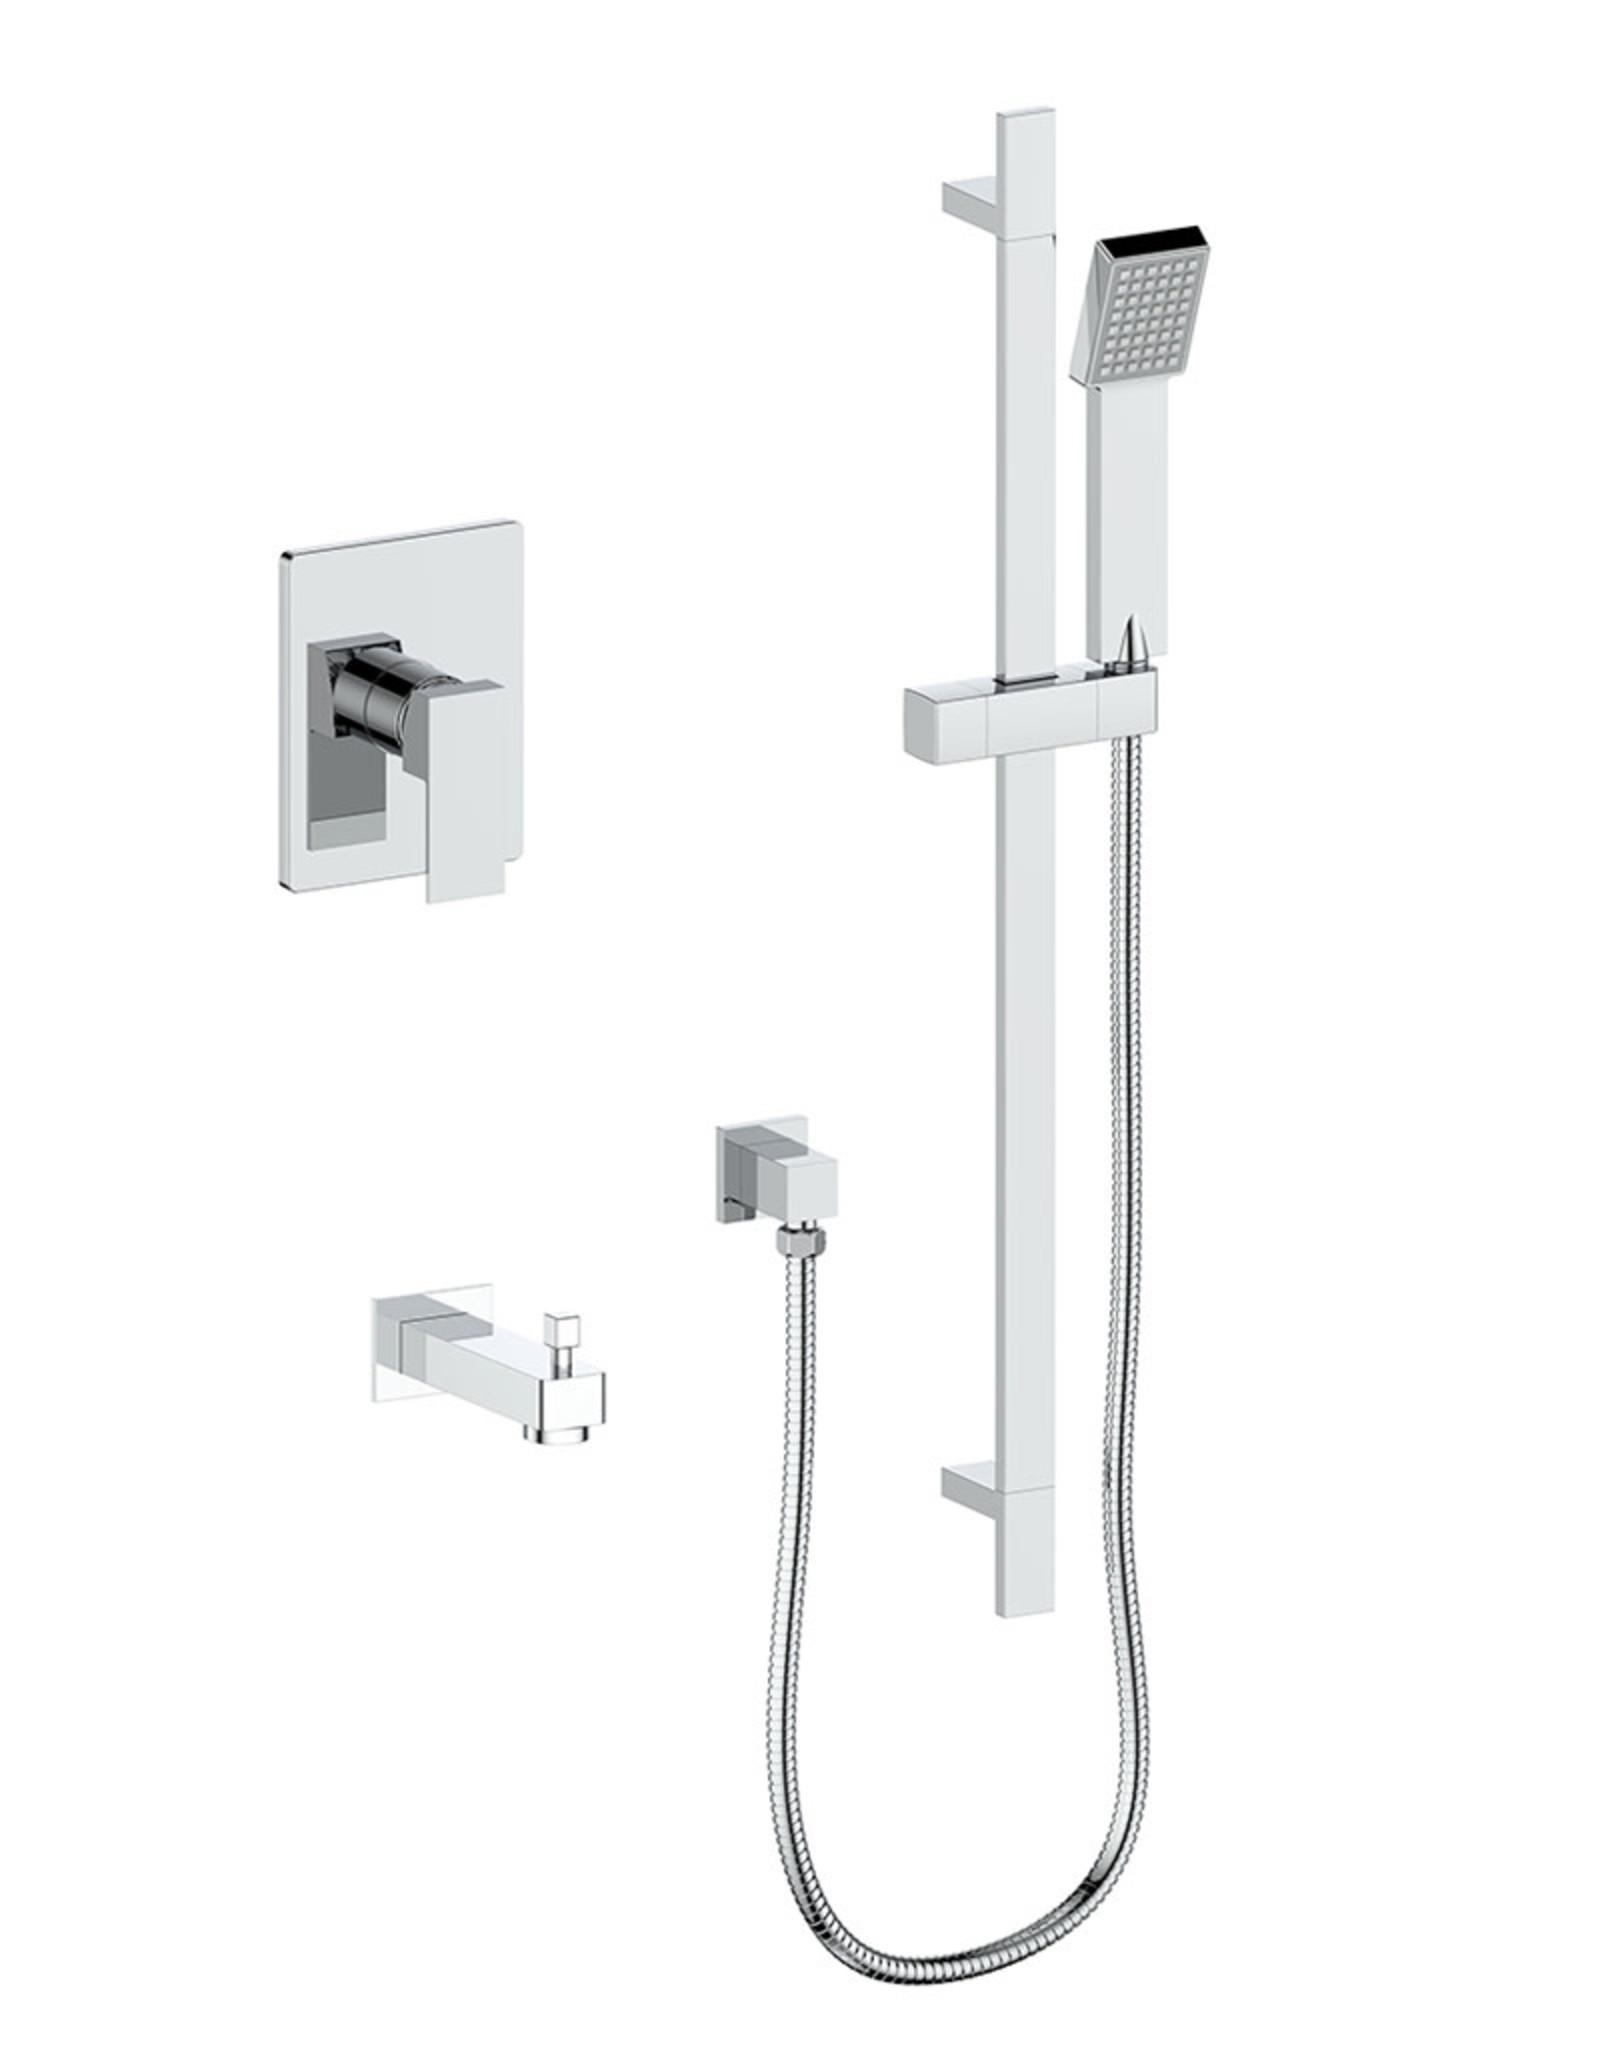 Vogt Vogt Kapfenberg 1-Way Pressure Balance Shower Kit- Handheld and Tub Spout